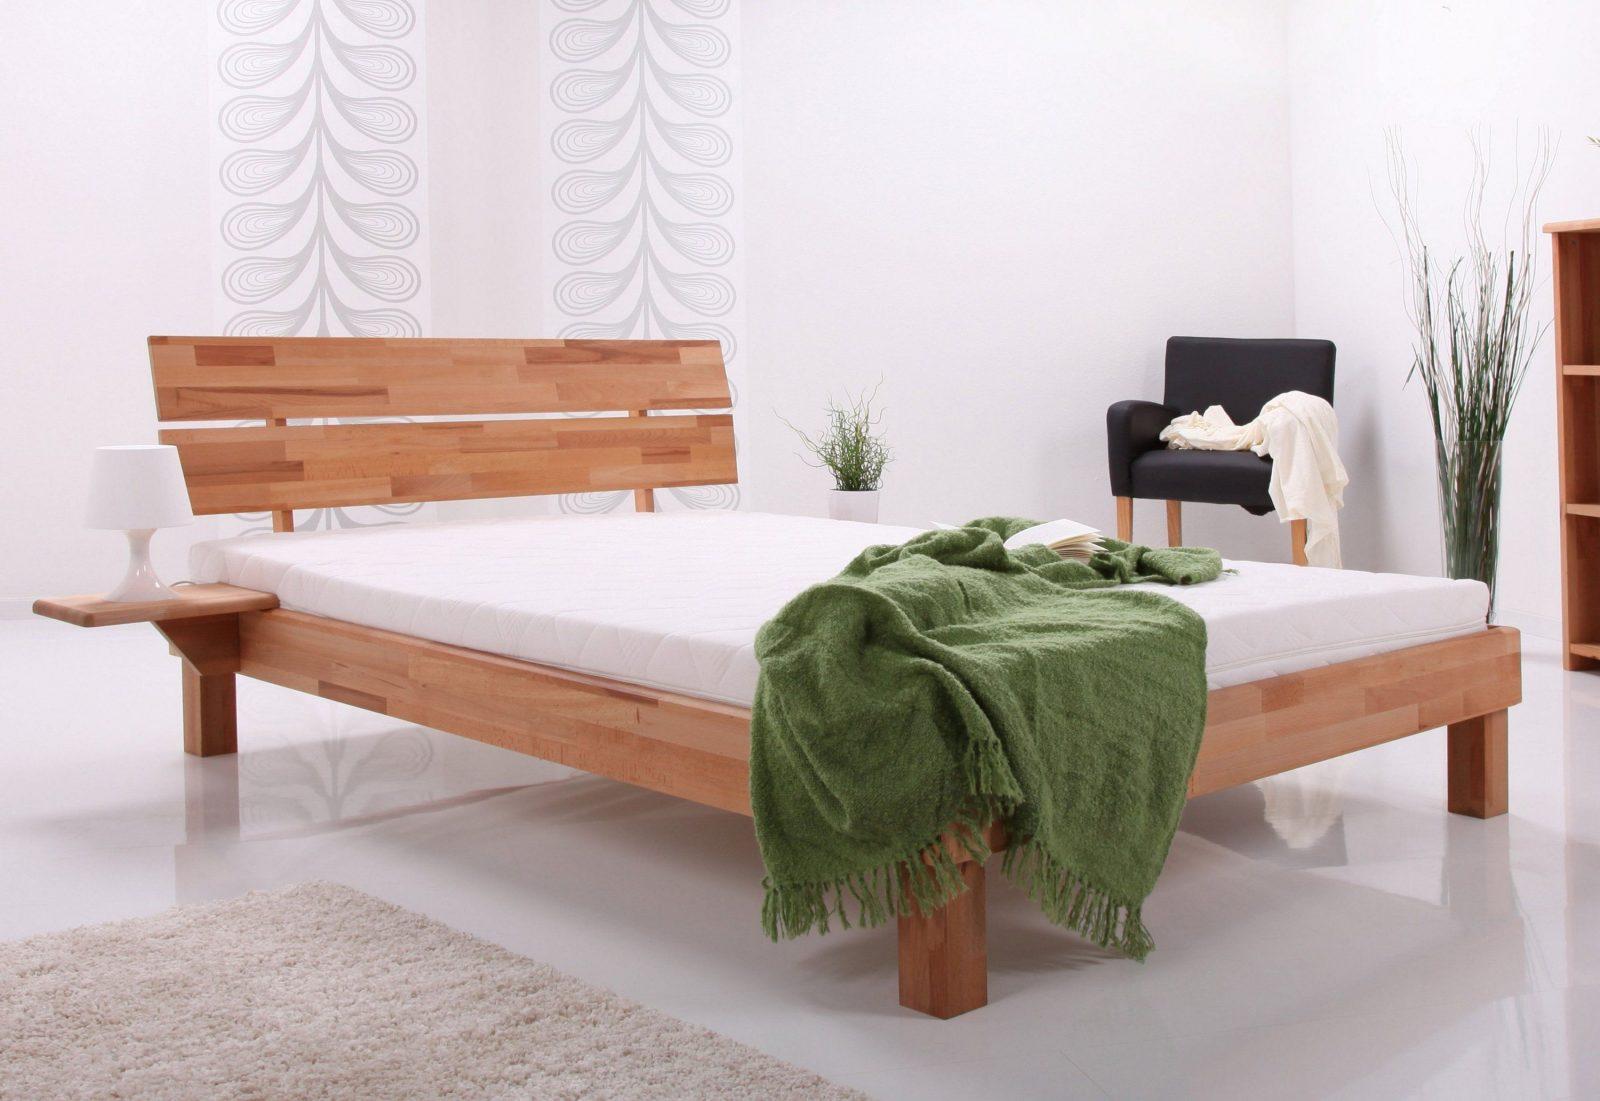 Wunderschöne Bank Vor Dem Bett 23 Cute Dekoration Oben Bank Bett Fuã von Hocker Vor Dem Bett Photo